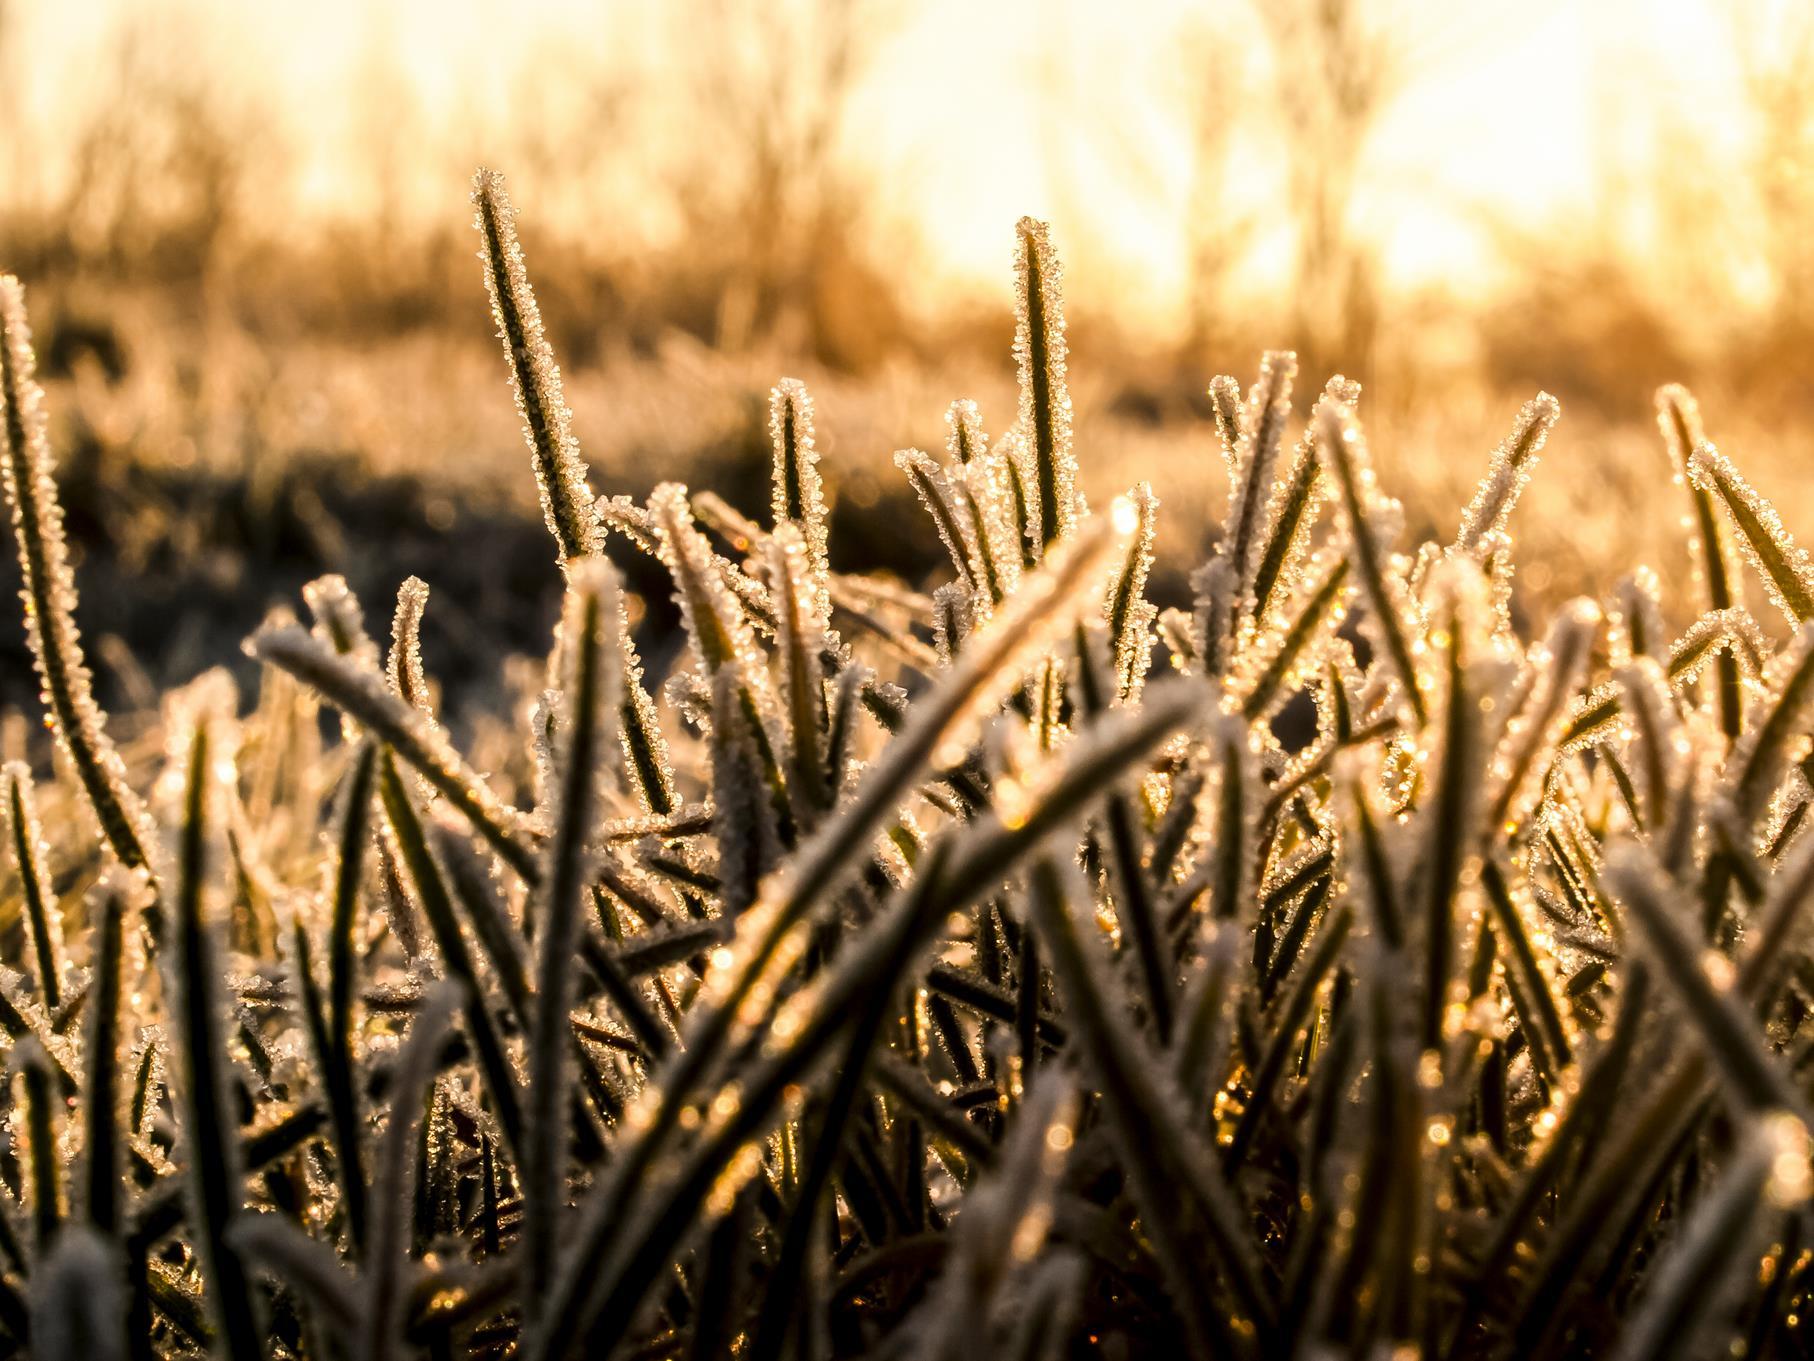 Gras mit Eiskristallen in der morgendlichen Februarsonne.